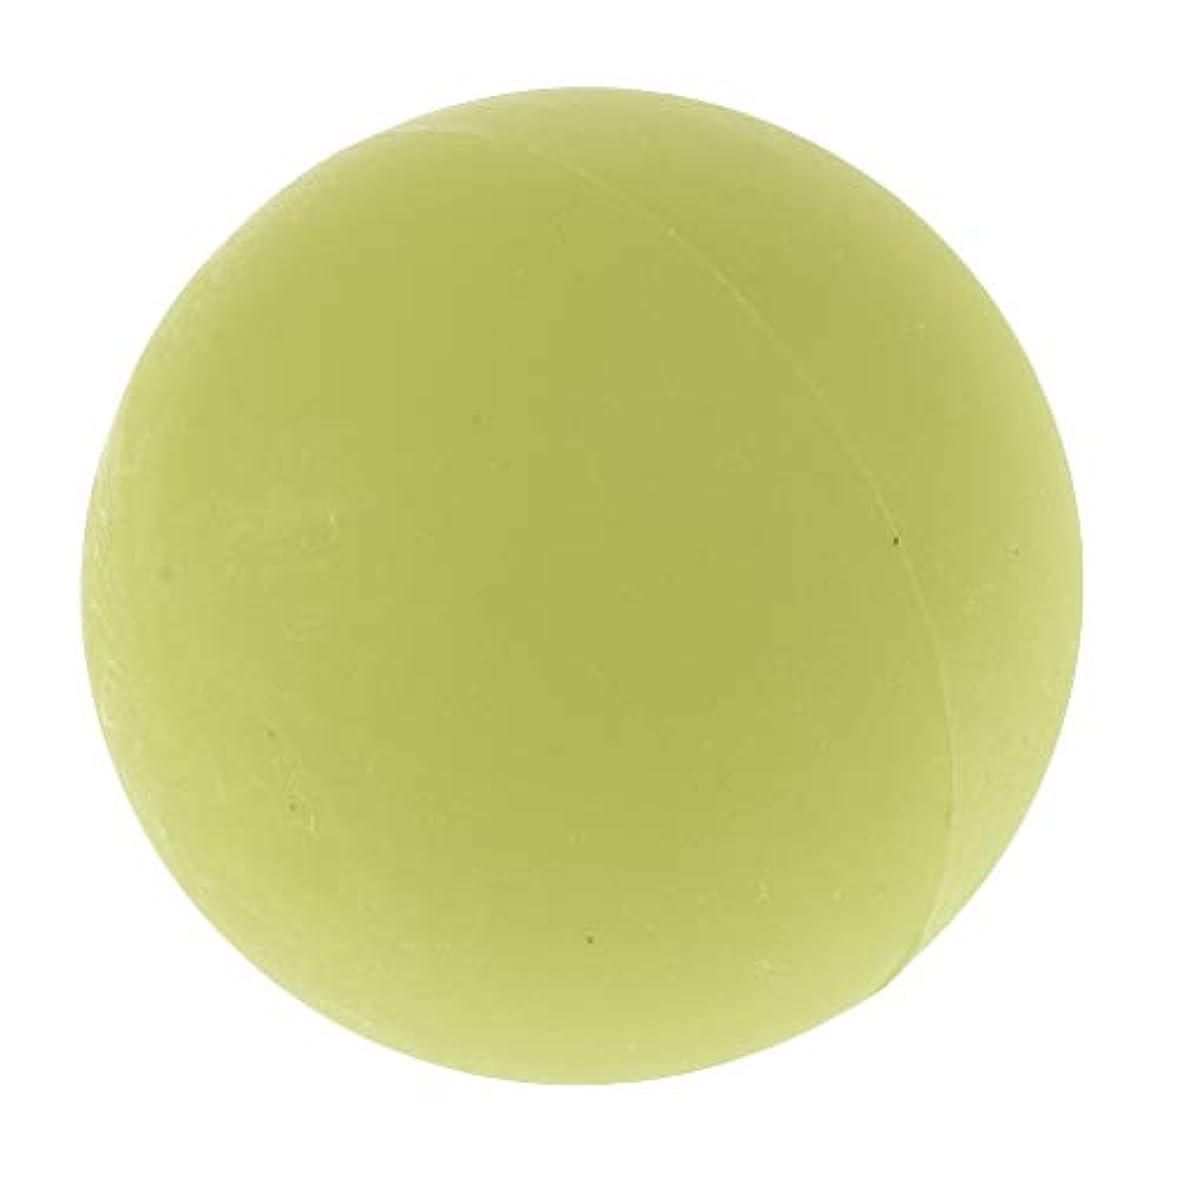 chiwanji エクササイズ 筋膜リリース マッサージボール トレーニングボール ソフトボール ツボ押しグッズ 全4色 - 緑